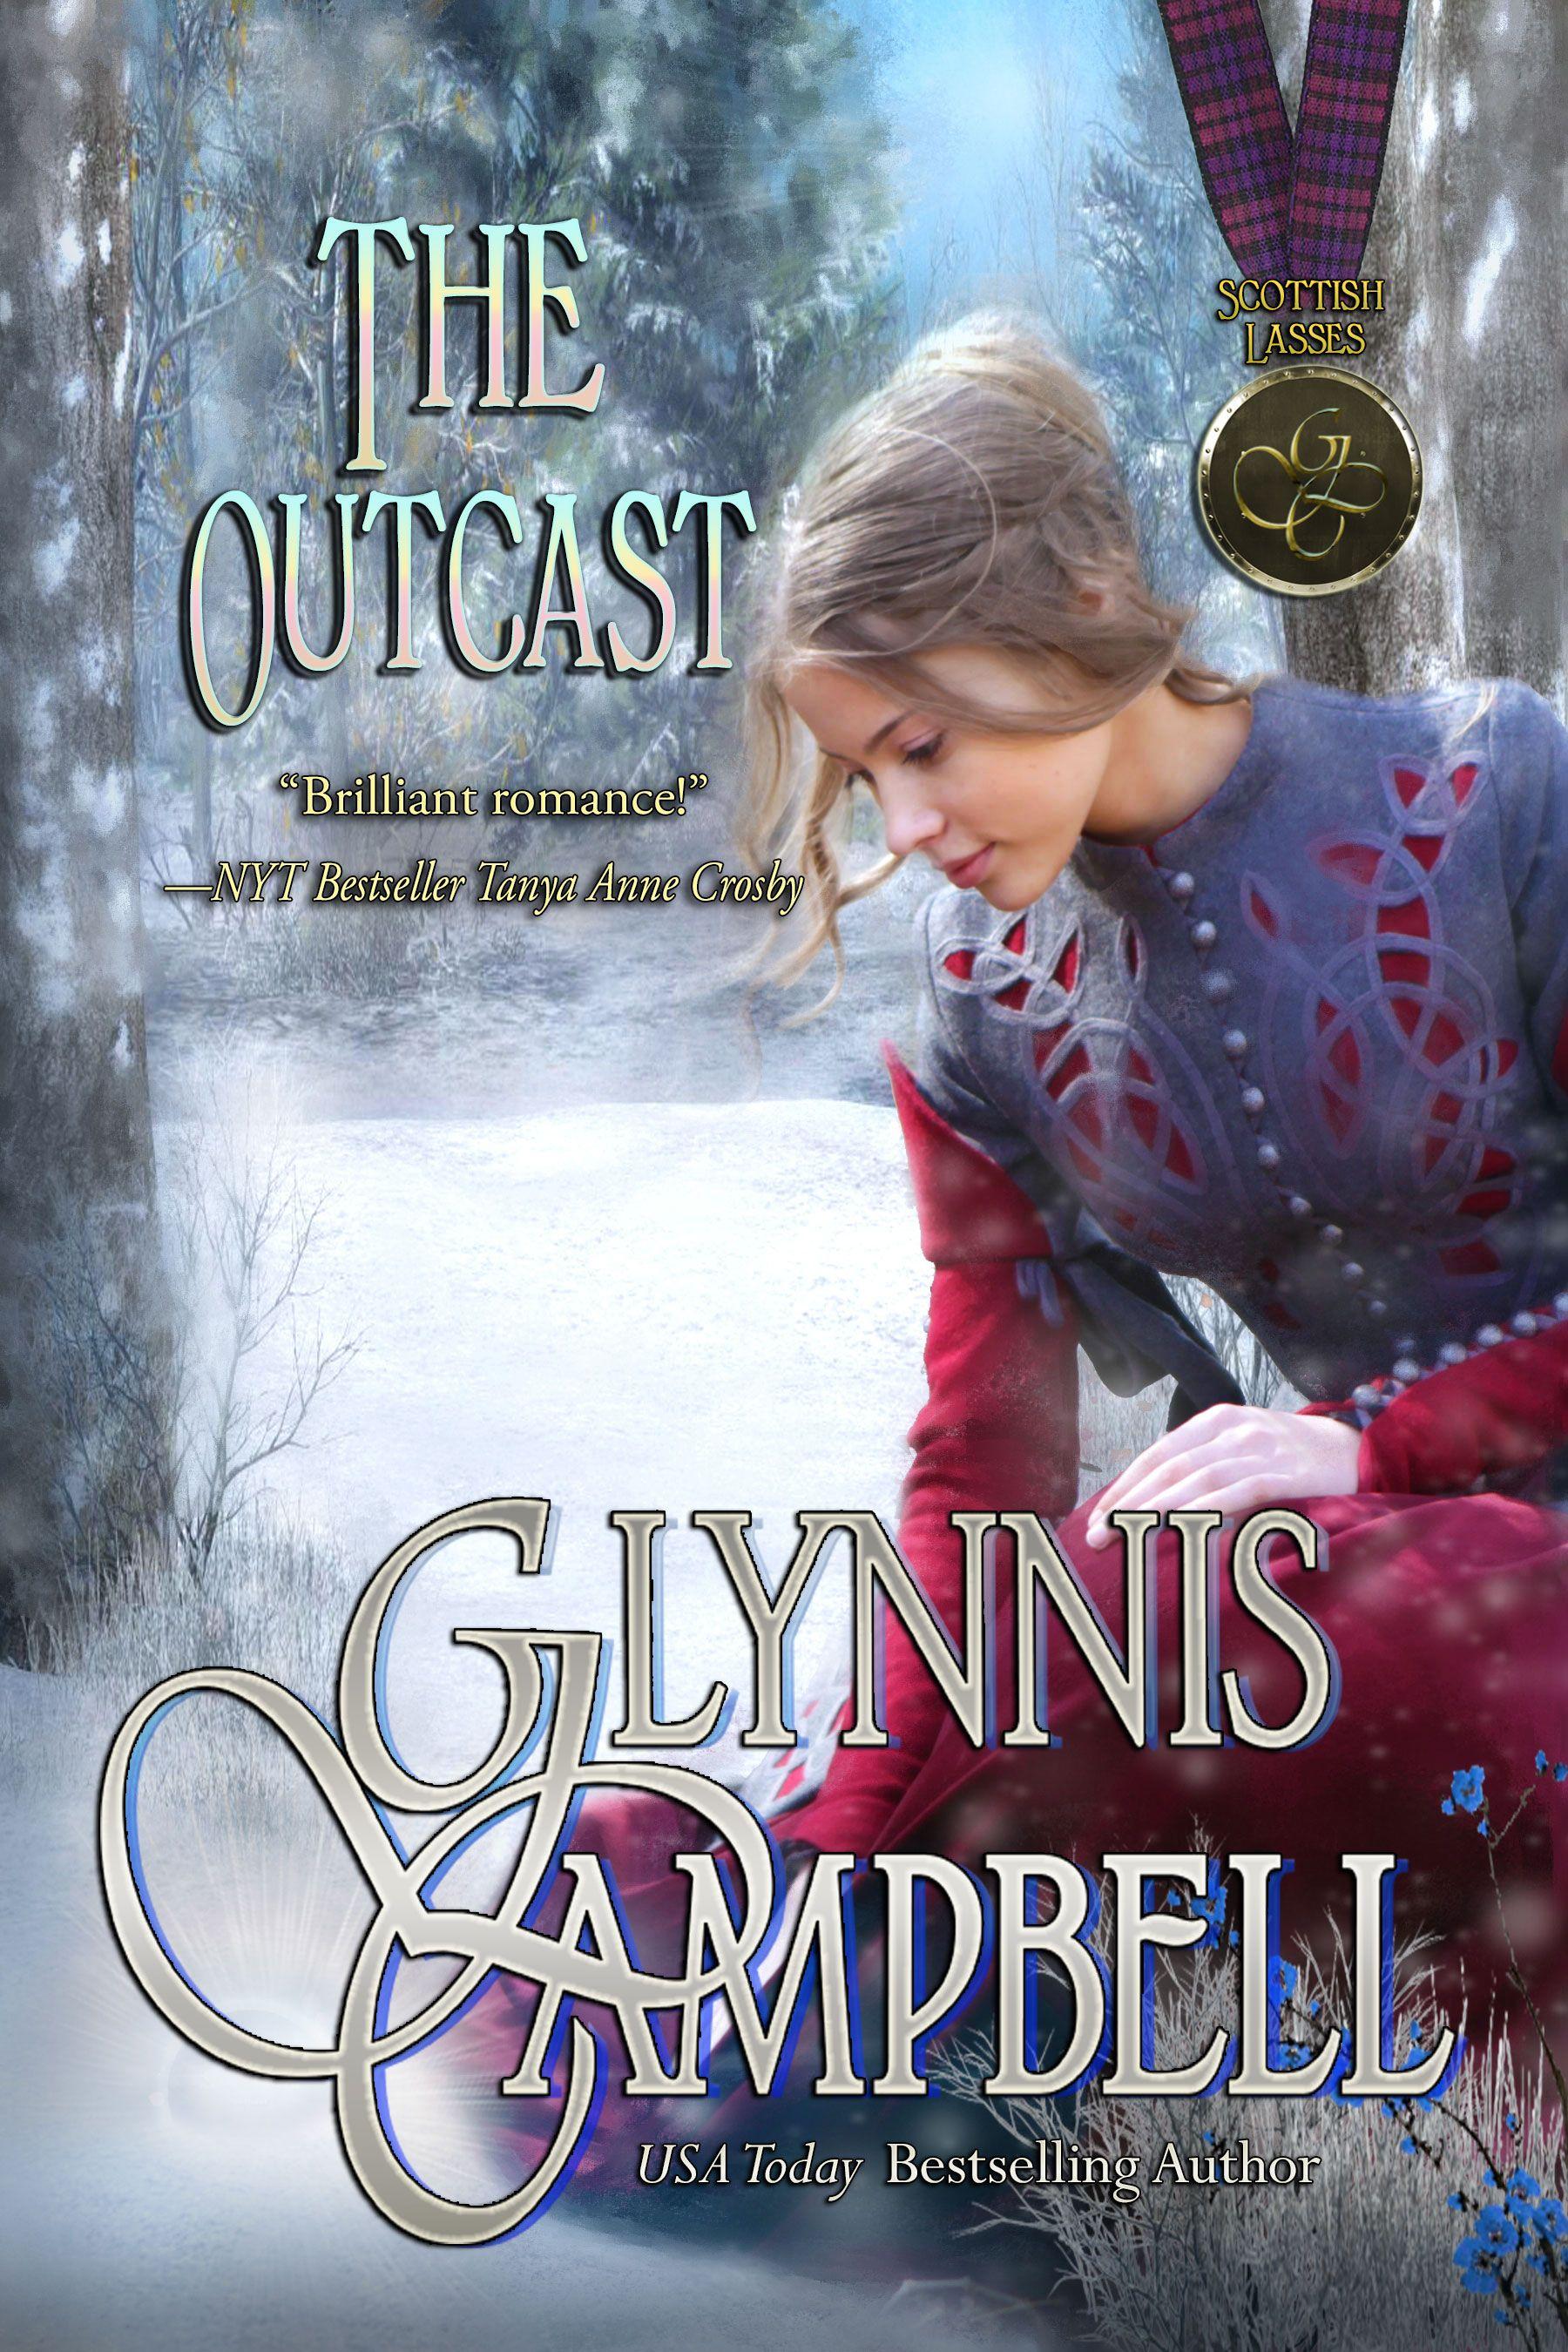 Scottish Lasses - Prequel novella (Book 0) THE OUTCAST